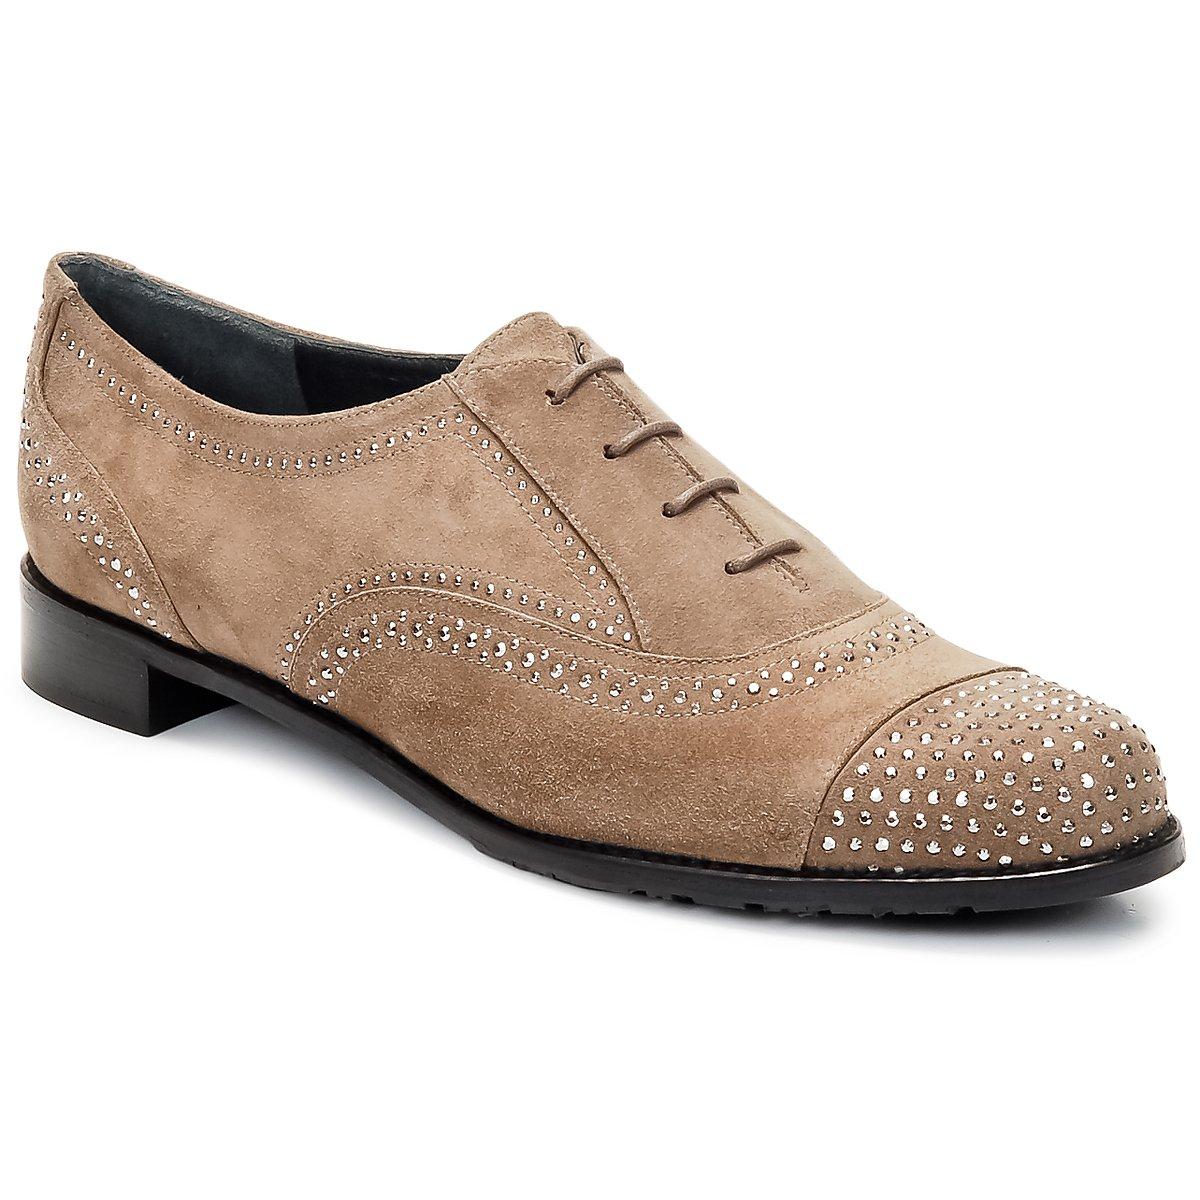 Stuart Weitzman DERBY Beige - Kostenloser Versand bei Spartoode ! - Schuhe Richelieu Damen 177,60 €